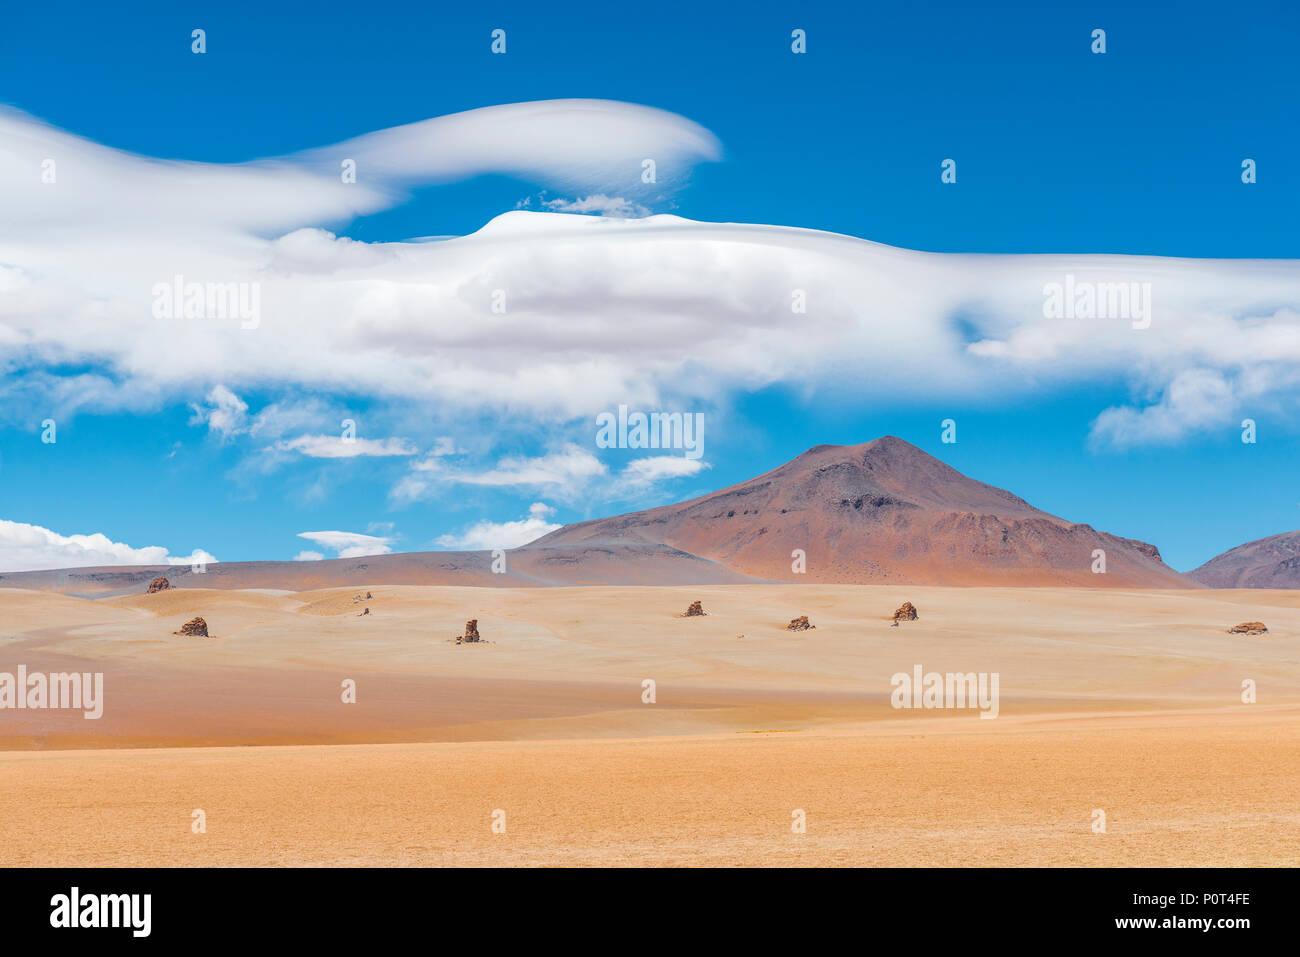 Le magnifique désert de Dali près de la télévision Sel Uyuni (Salar de Uyuni) avec des formations rocheuses qui pourraient avoir été dessiné par le maître lui-même, la Bolivie. Photo Stock